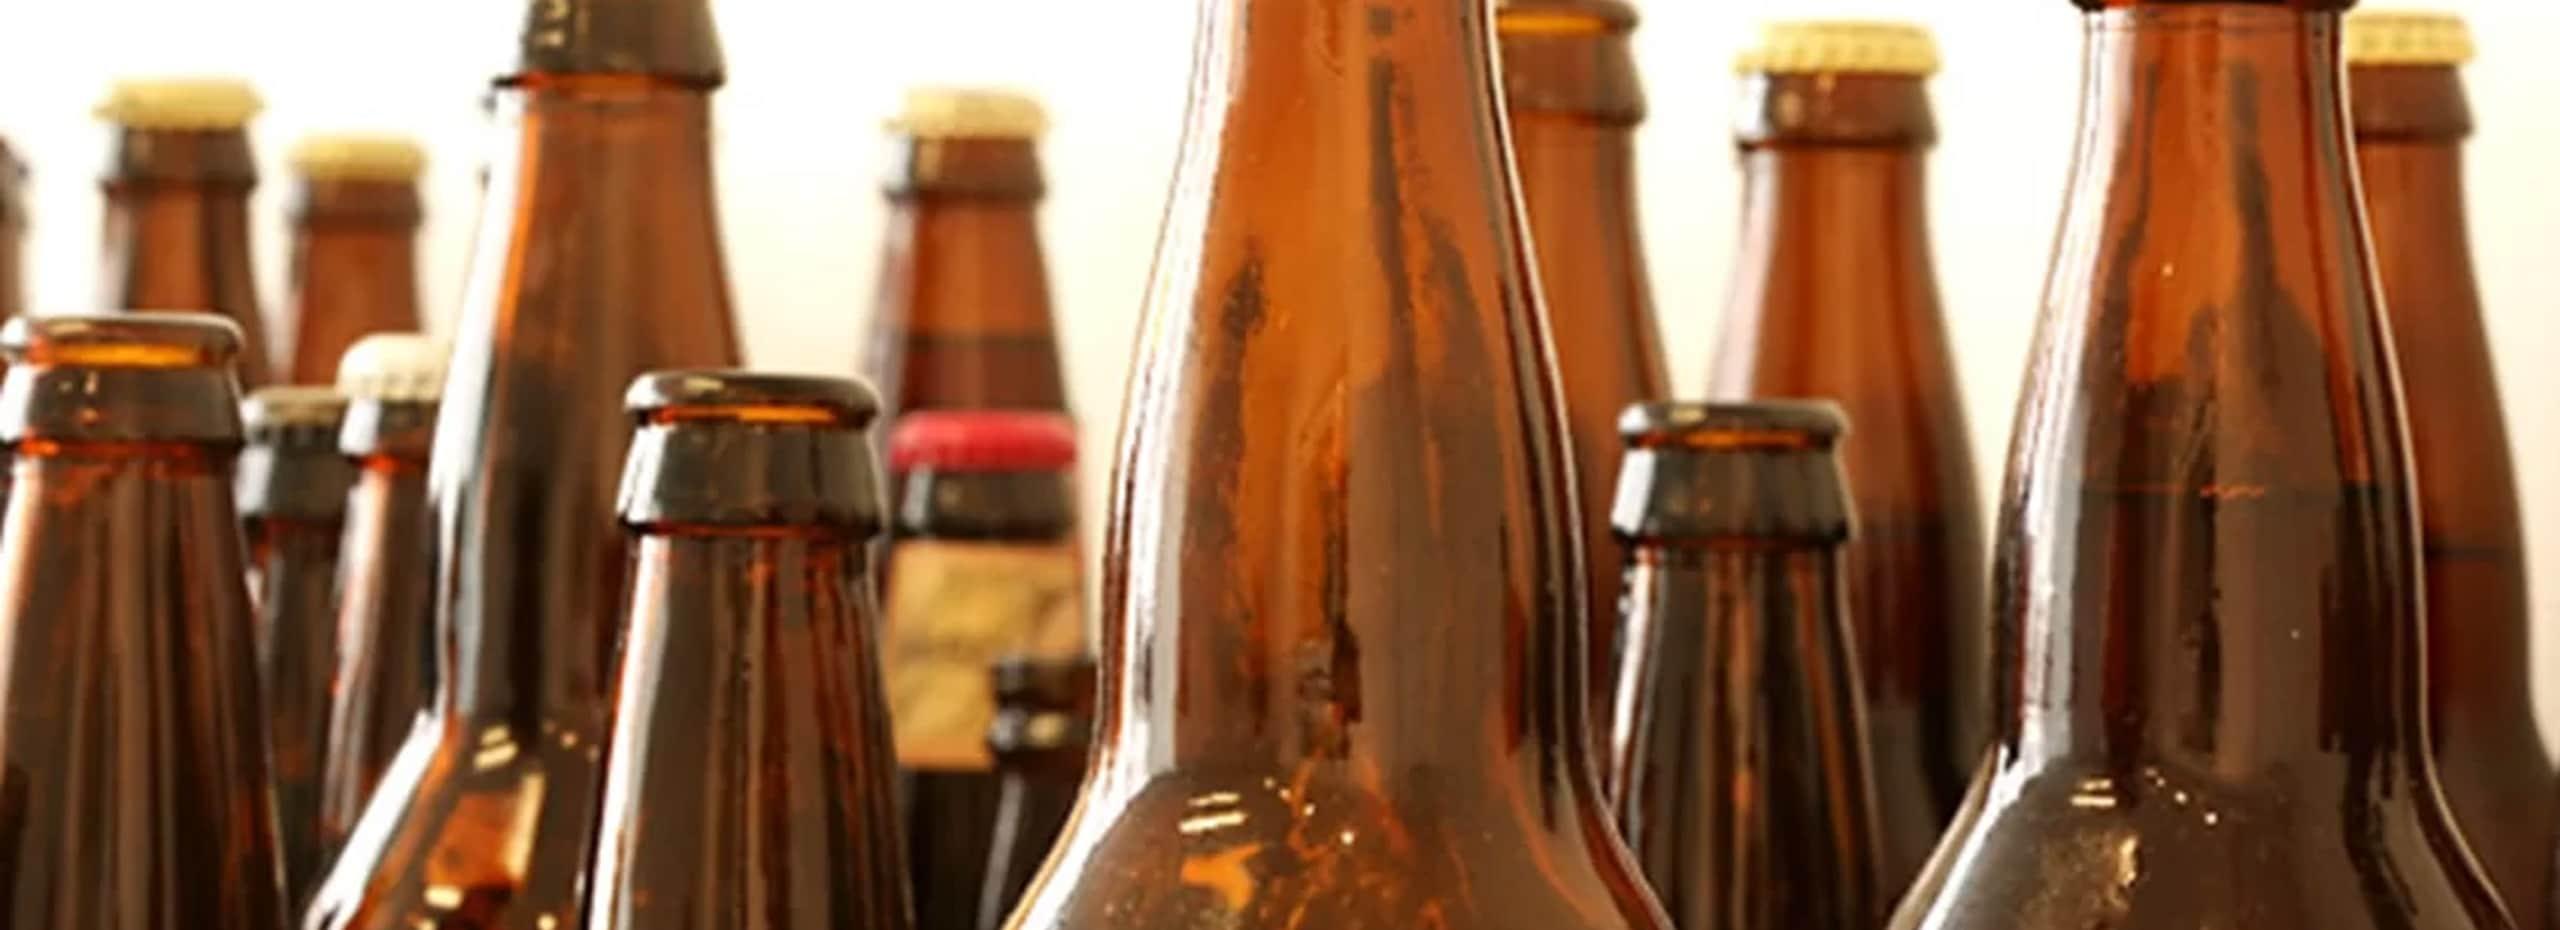 Descubra por qual motivo a garrafa de cerveja costuma ser marrom e como esse tipo de embalagem pode ajudar o meio ambiente